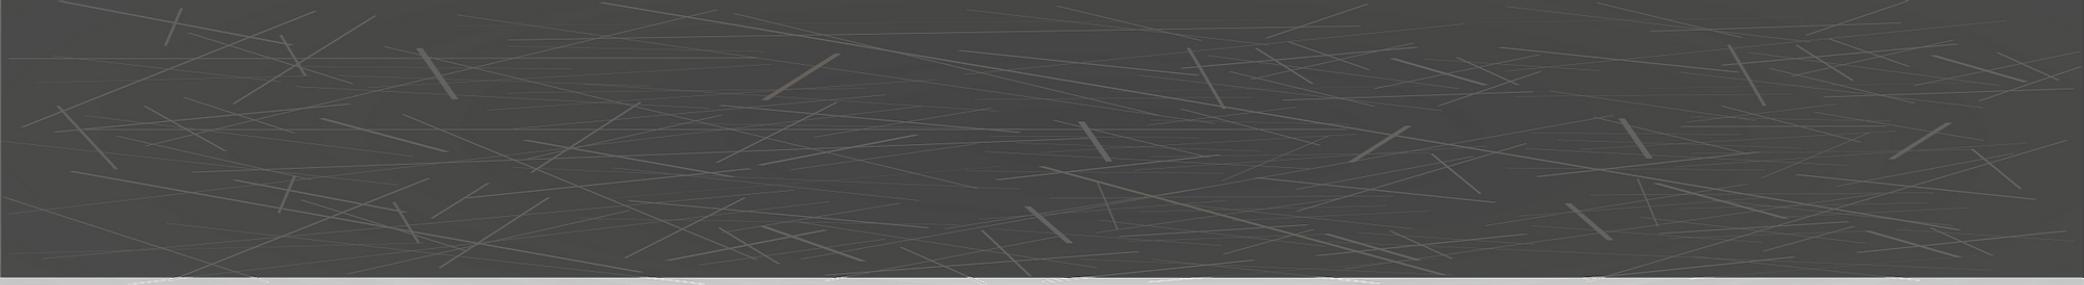 franja inferior web matbrains.png